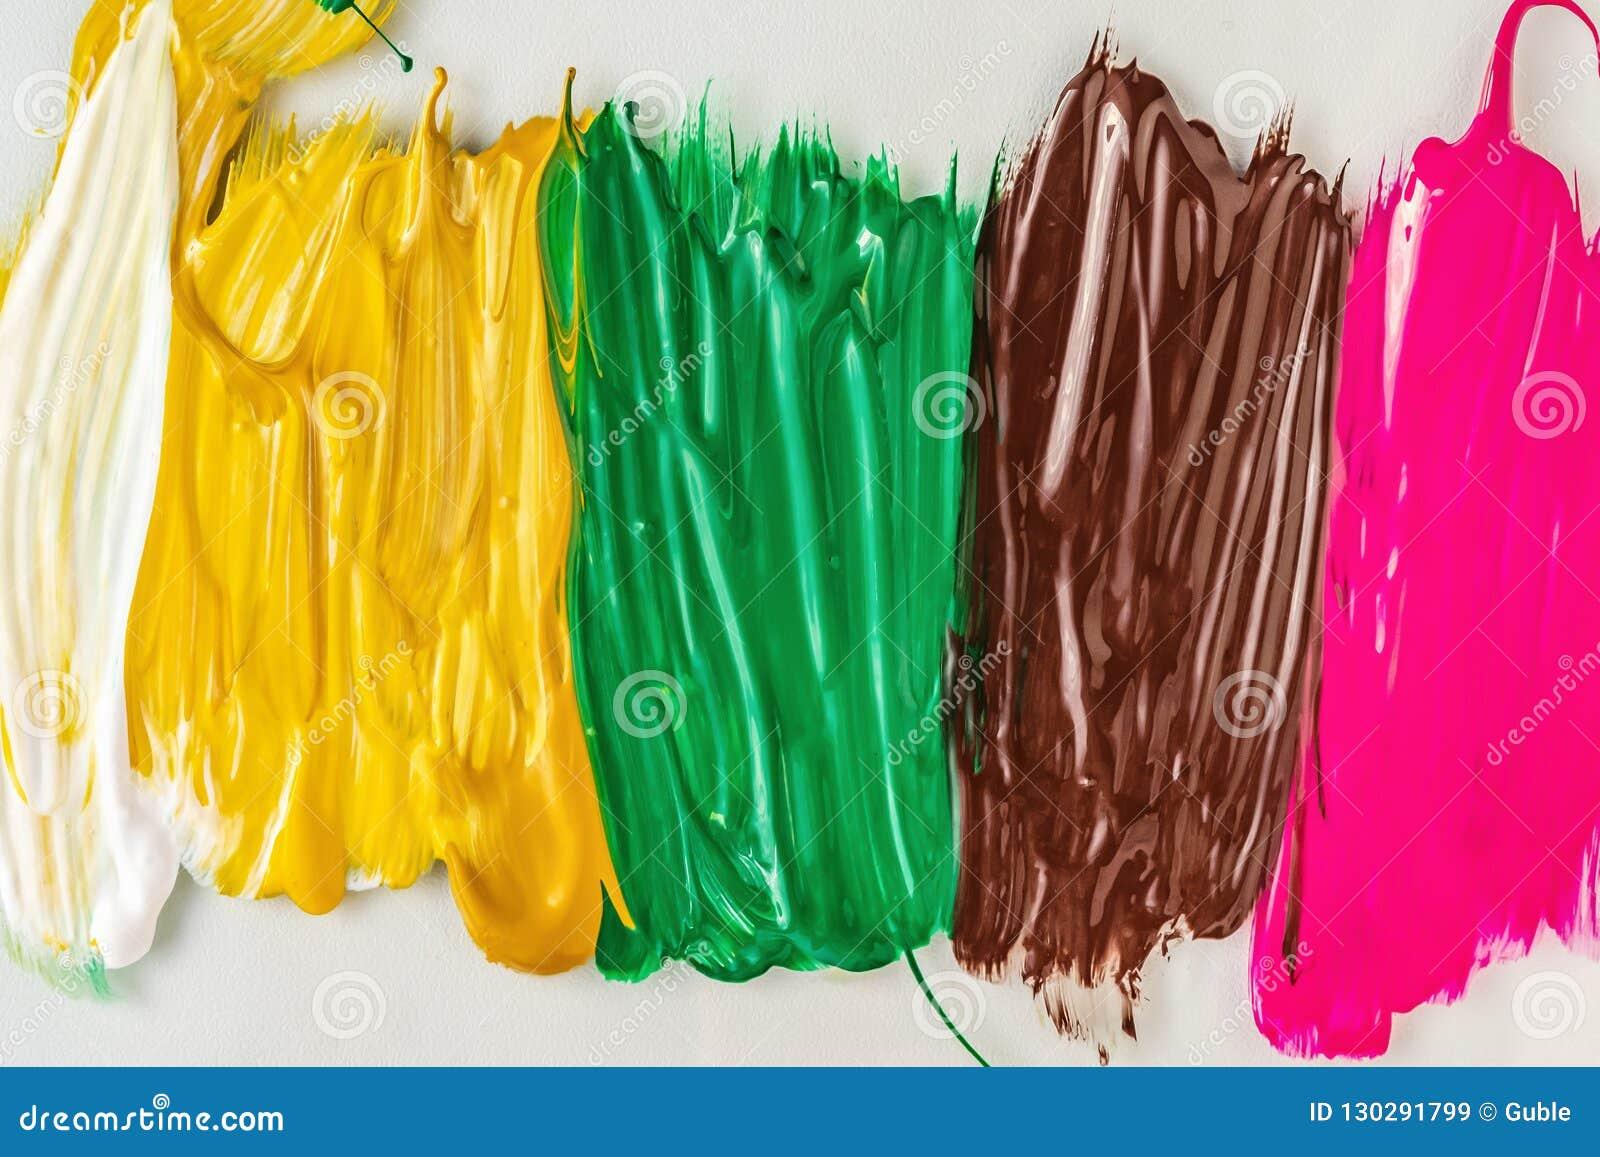 Pintura acrílica abstraia o fundo Textura de pinturas multi-coloridas